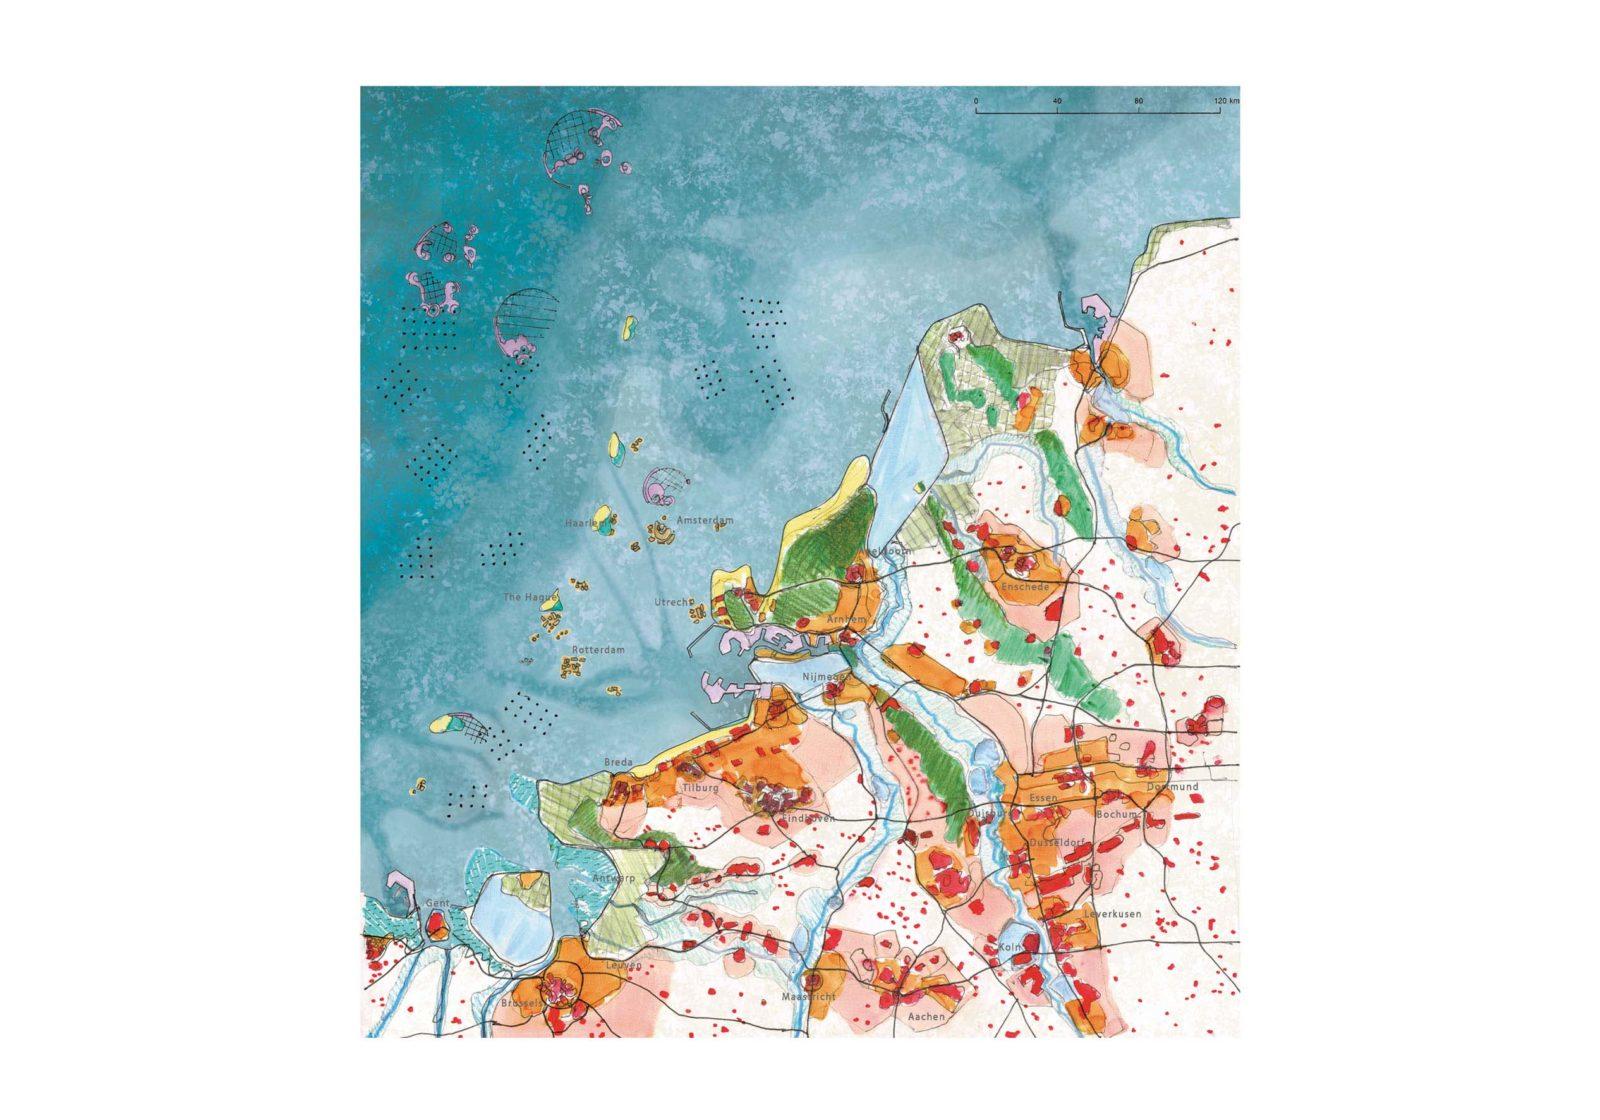 07_Netherlands 2300_VE-R